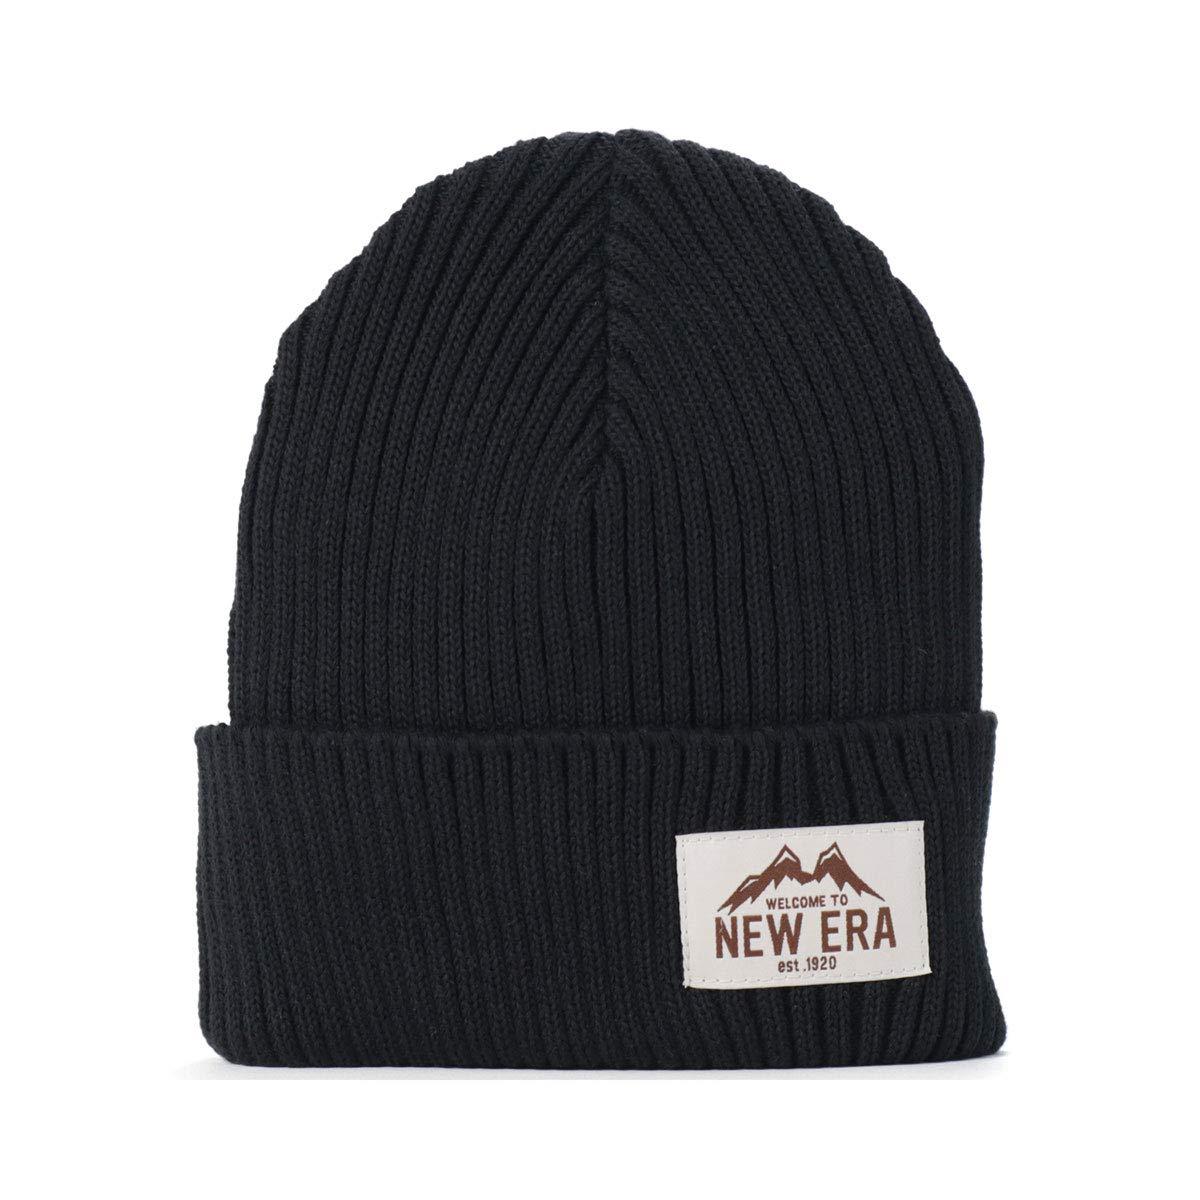 メンズニット帽のおすすめ12選!つば付きやおしゃれな被り方も